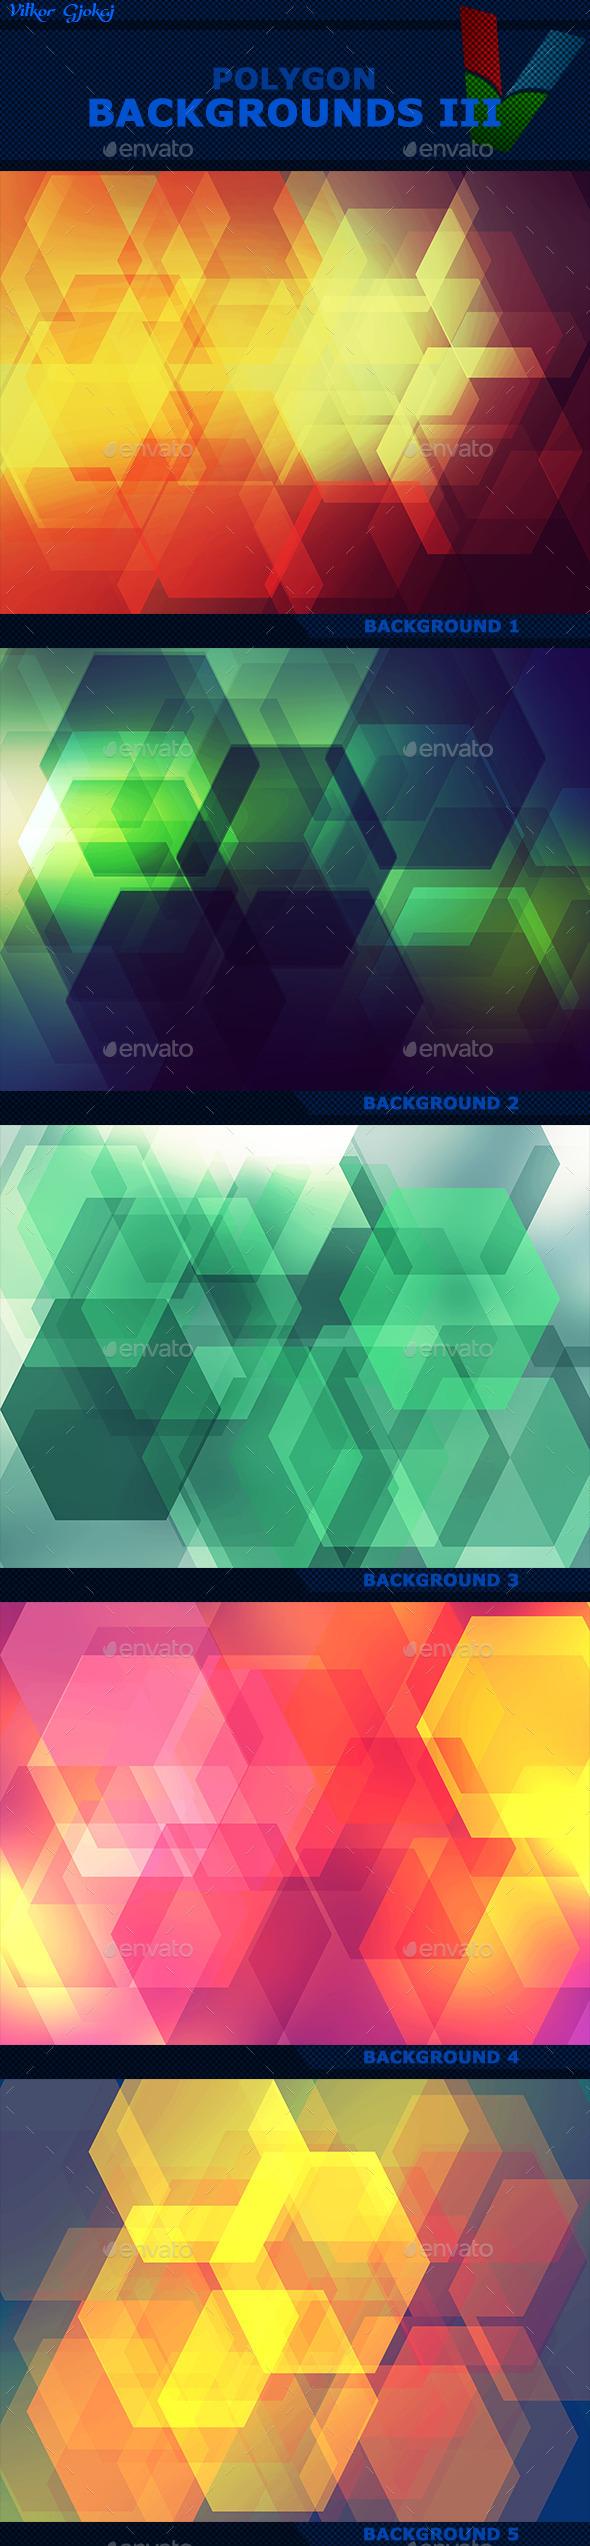 Polygon Backgrounds III - Abstract Backgrounds